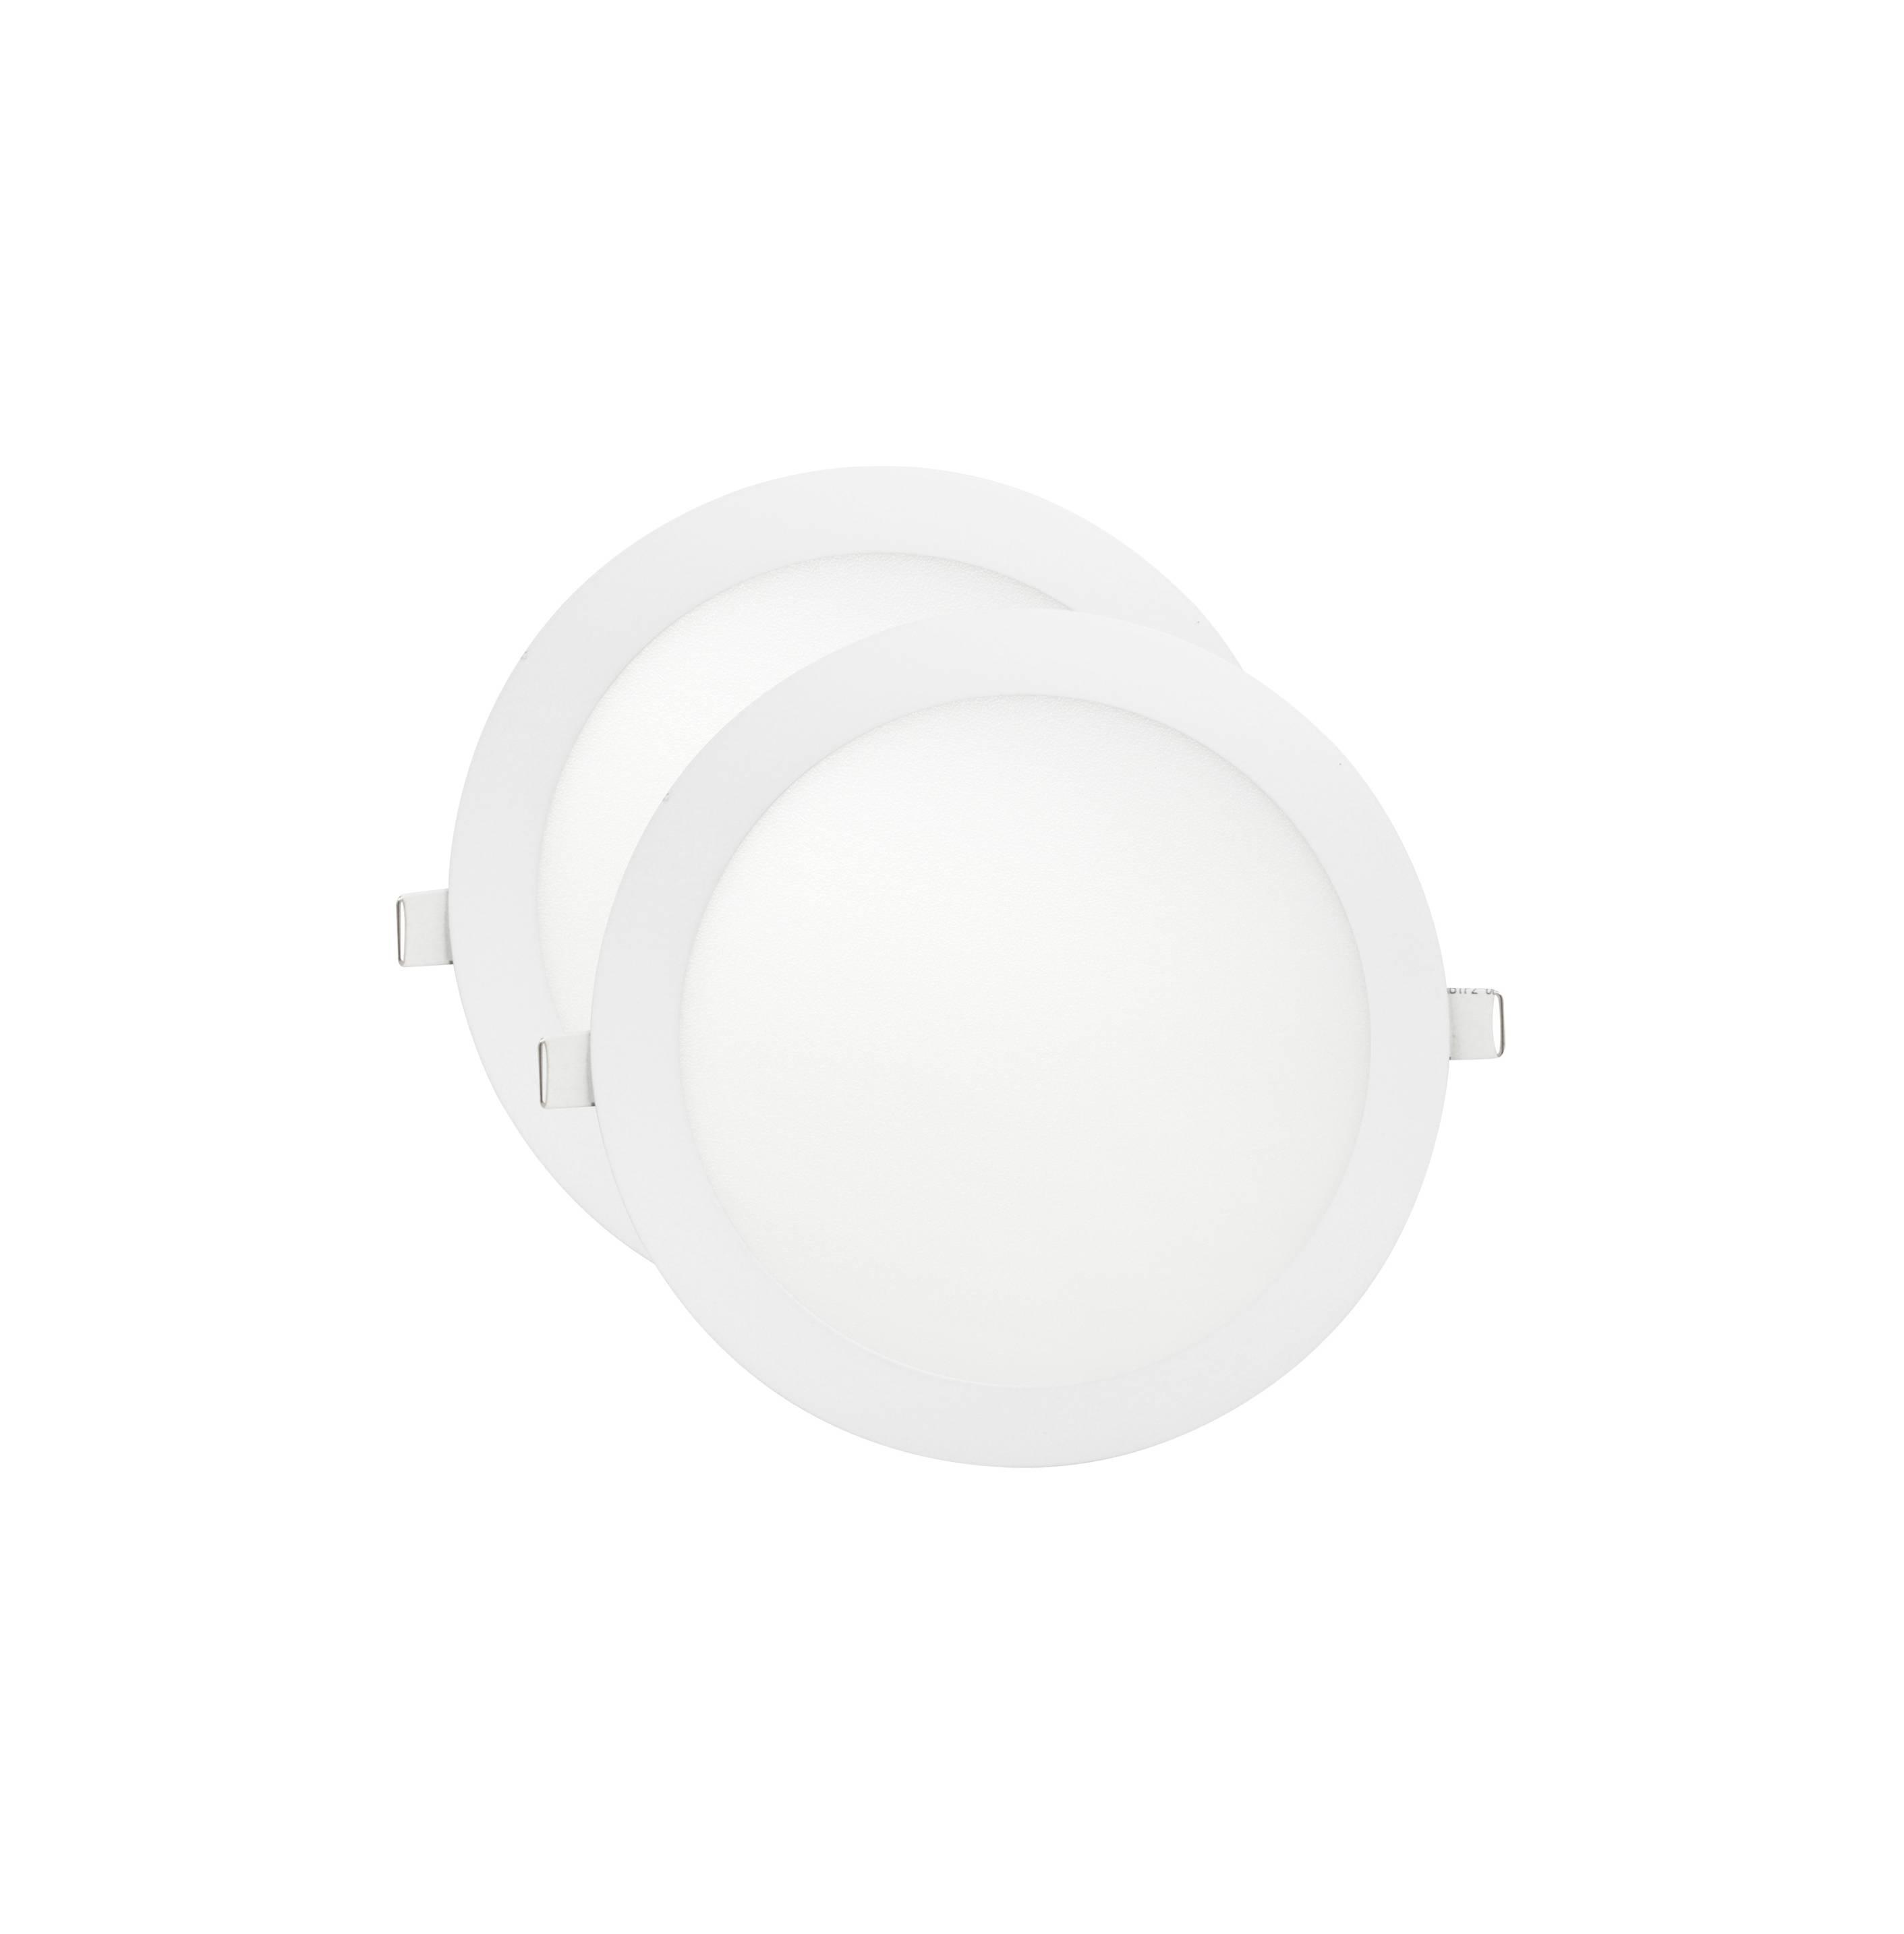 LED Lampu Panel Slim 12 Watt Round Warm White Plafon Rumah